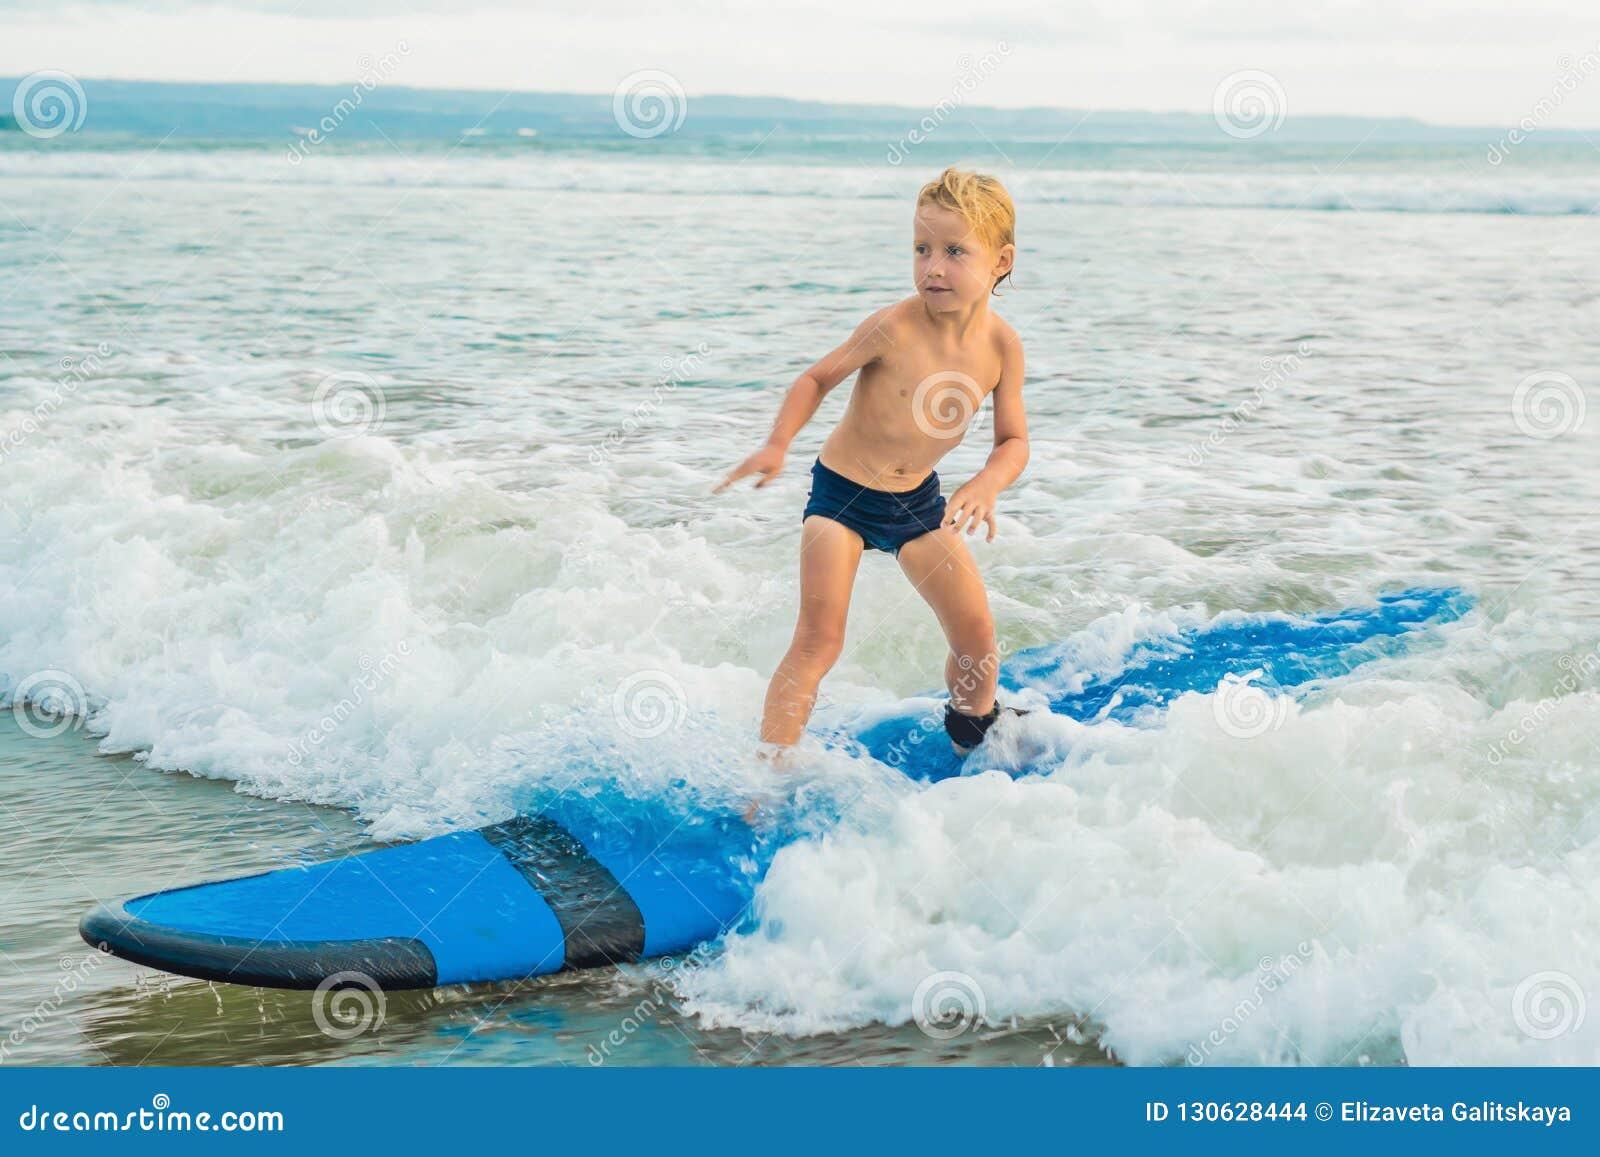 冲浪在热带海滩的小男孩 水橇板的孩子在海浪 孩子的活跃水上运动 孩子游泳与